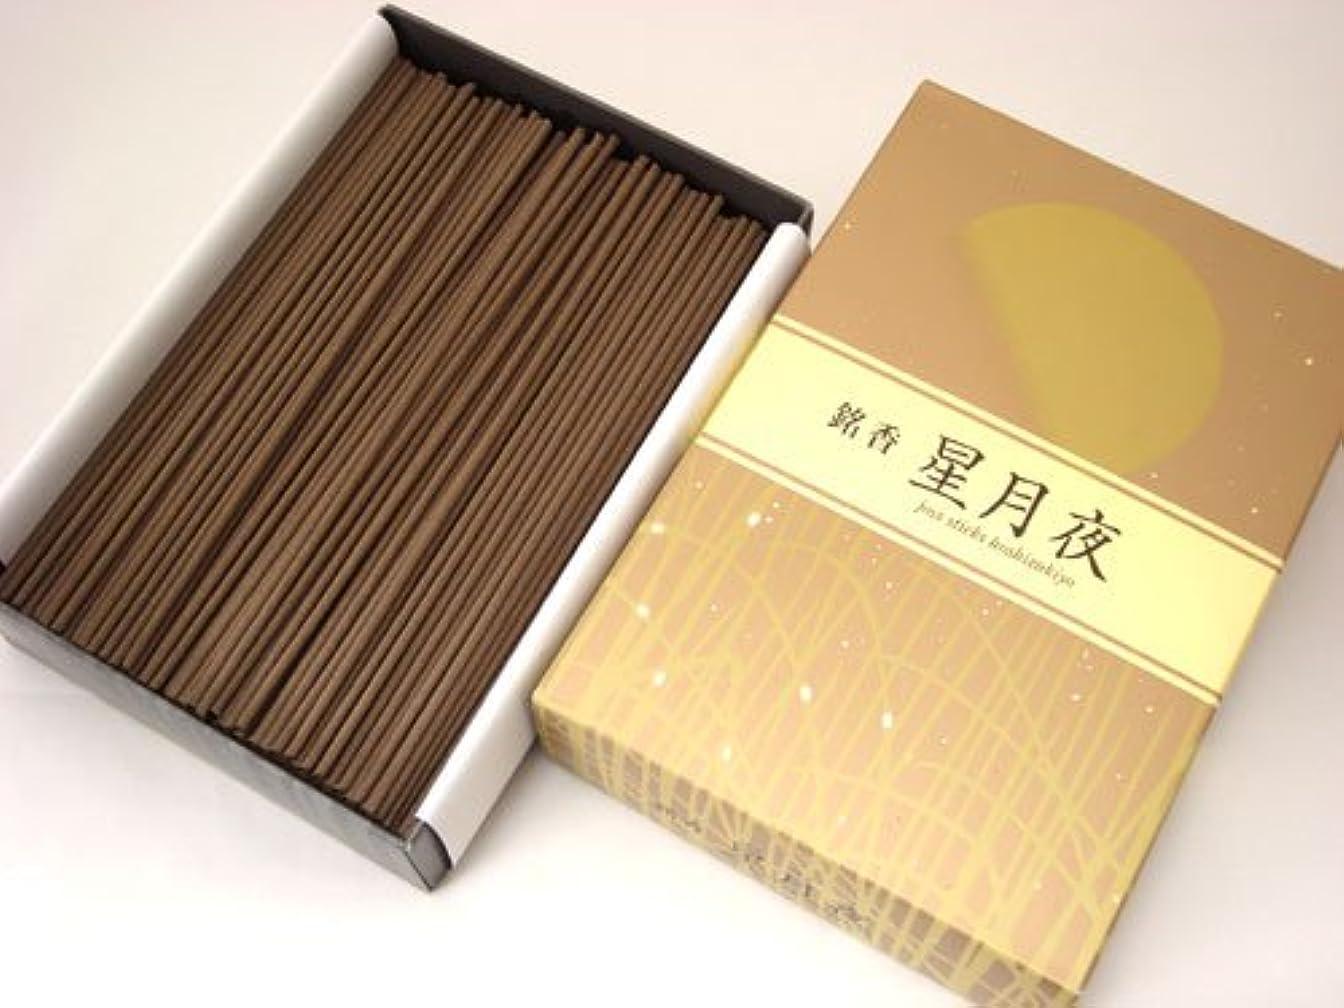 ドール貸す謎めいた日本香堂 微煙タイプ【銘香 星月夜(ほしづきよ)】 バラ詰 大箱